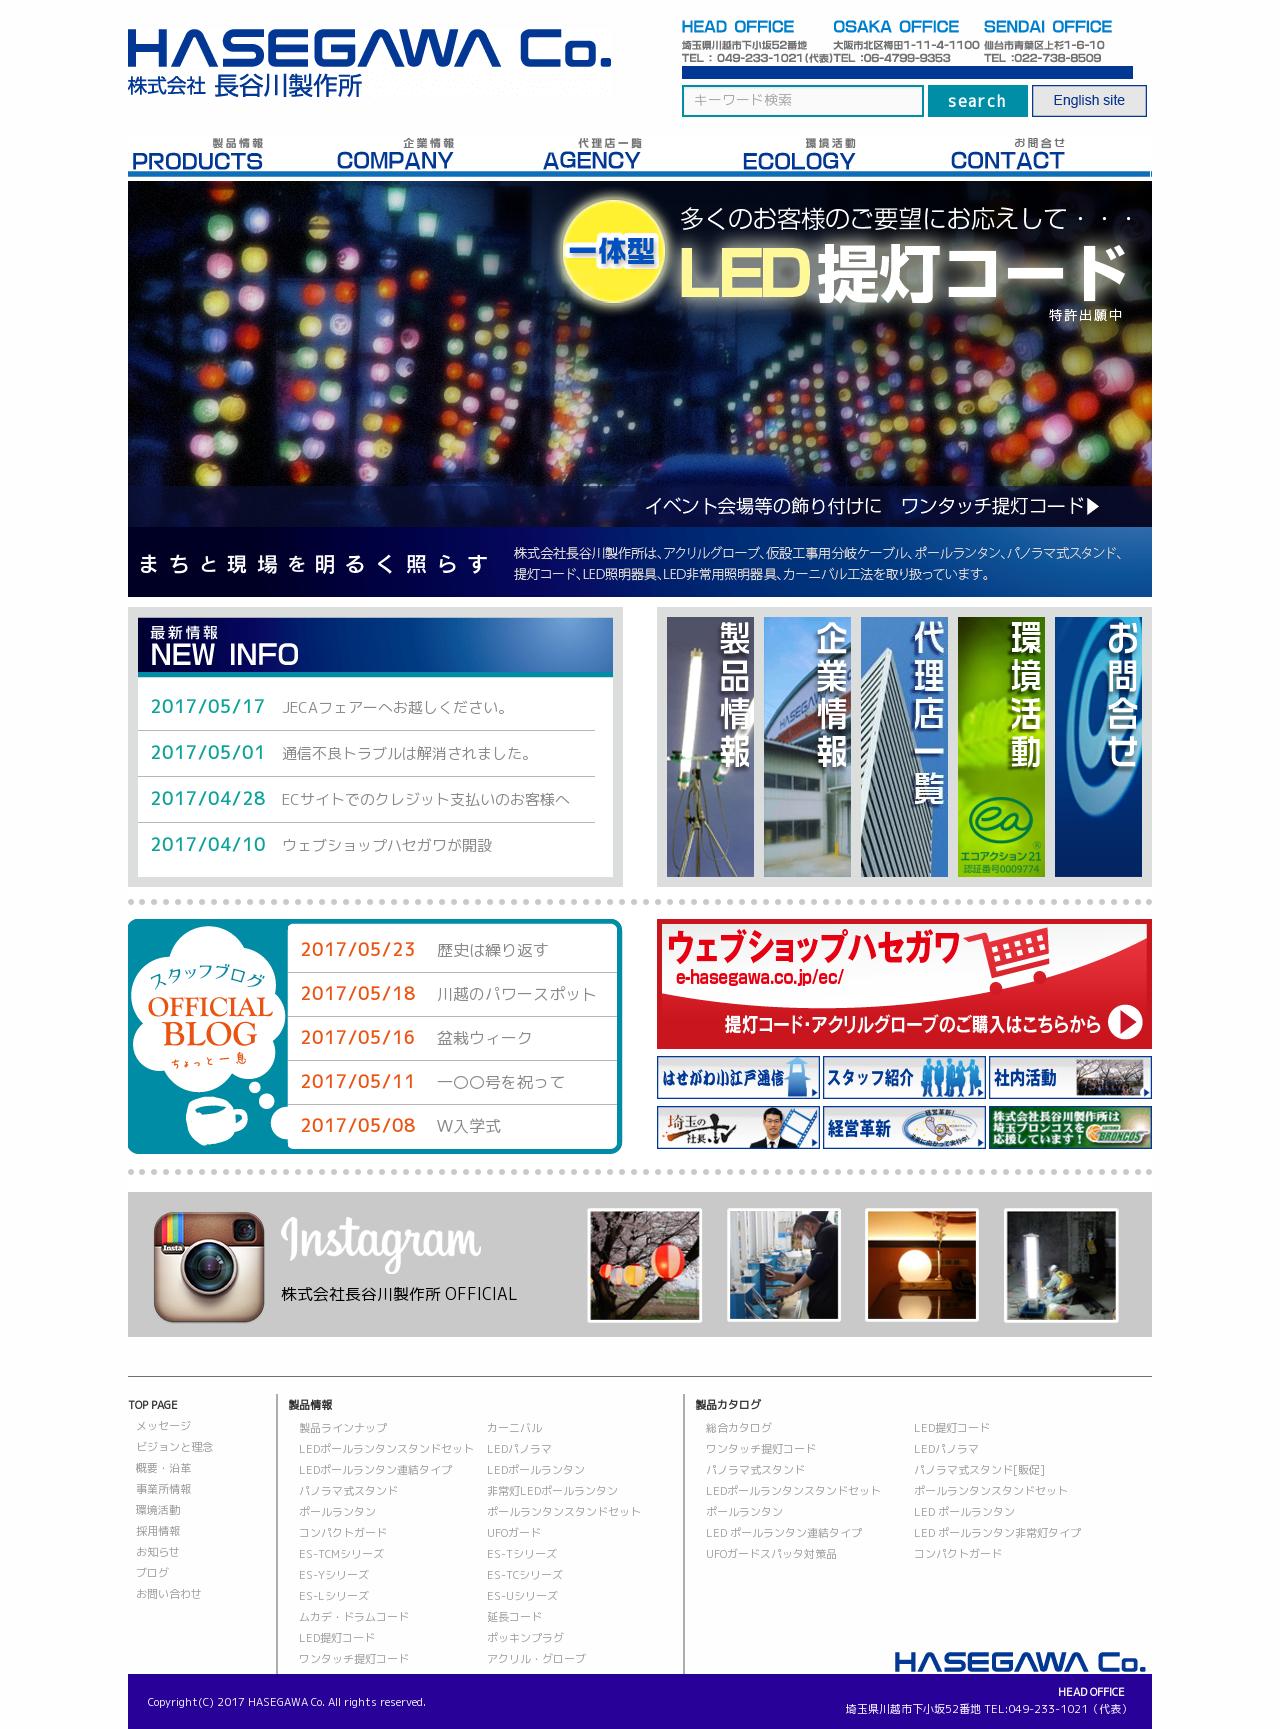 長谷川製作所様ホームページ事例:イーレンジャー株式会社